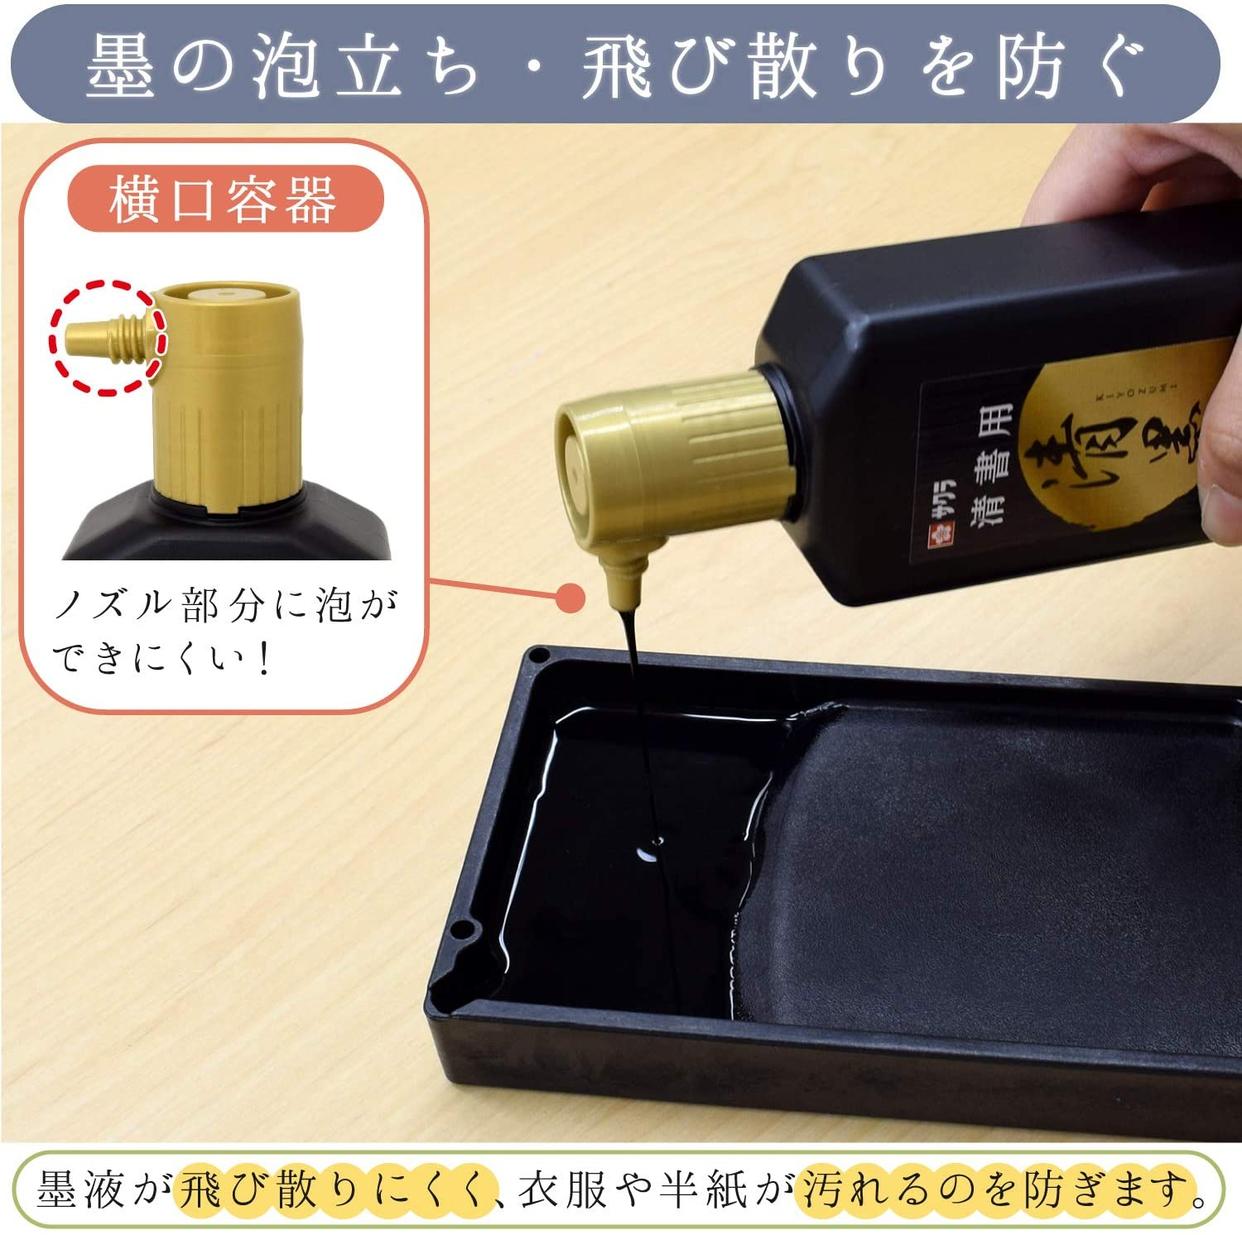 SAKURA(サクラ) 清墨 805304の商品画像6